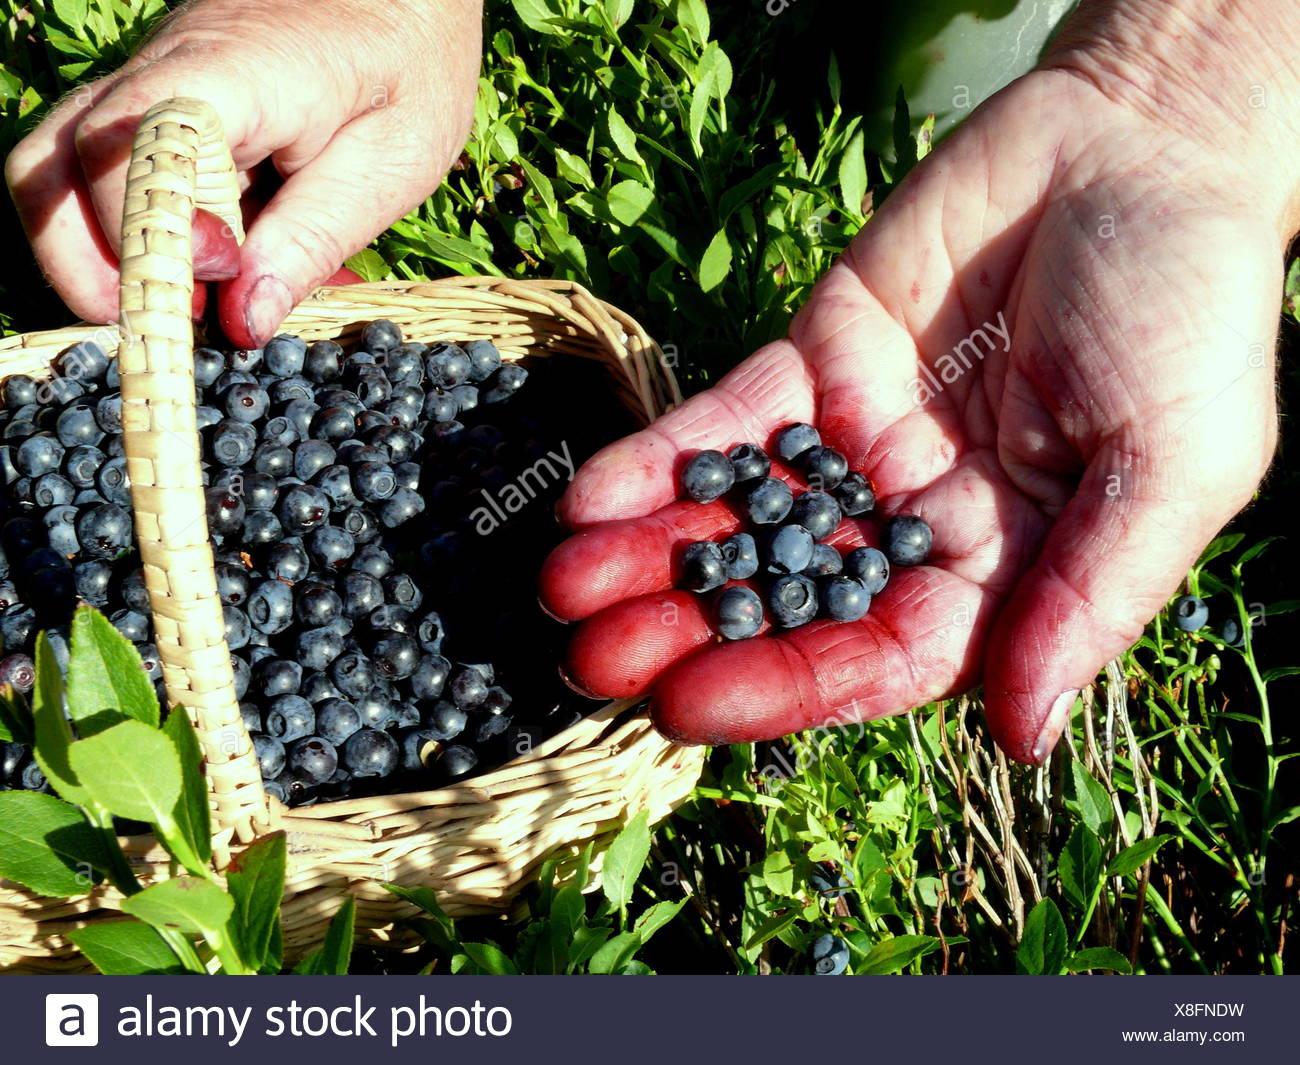 https://c8.alamy.com/compfr/x8fndw/main-femme-bleuets-myrtilles-baies-myrtilles-recueillir-recueillir-blue-x8fndw.jpg